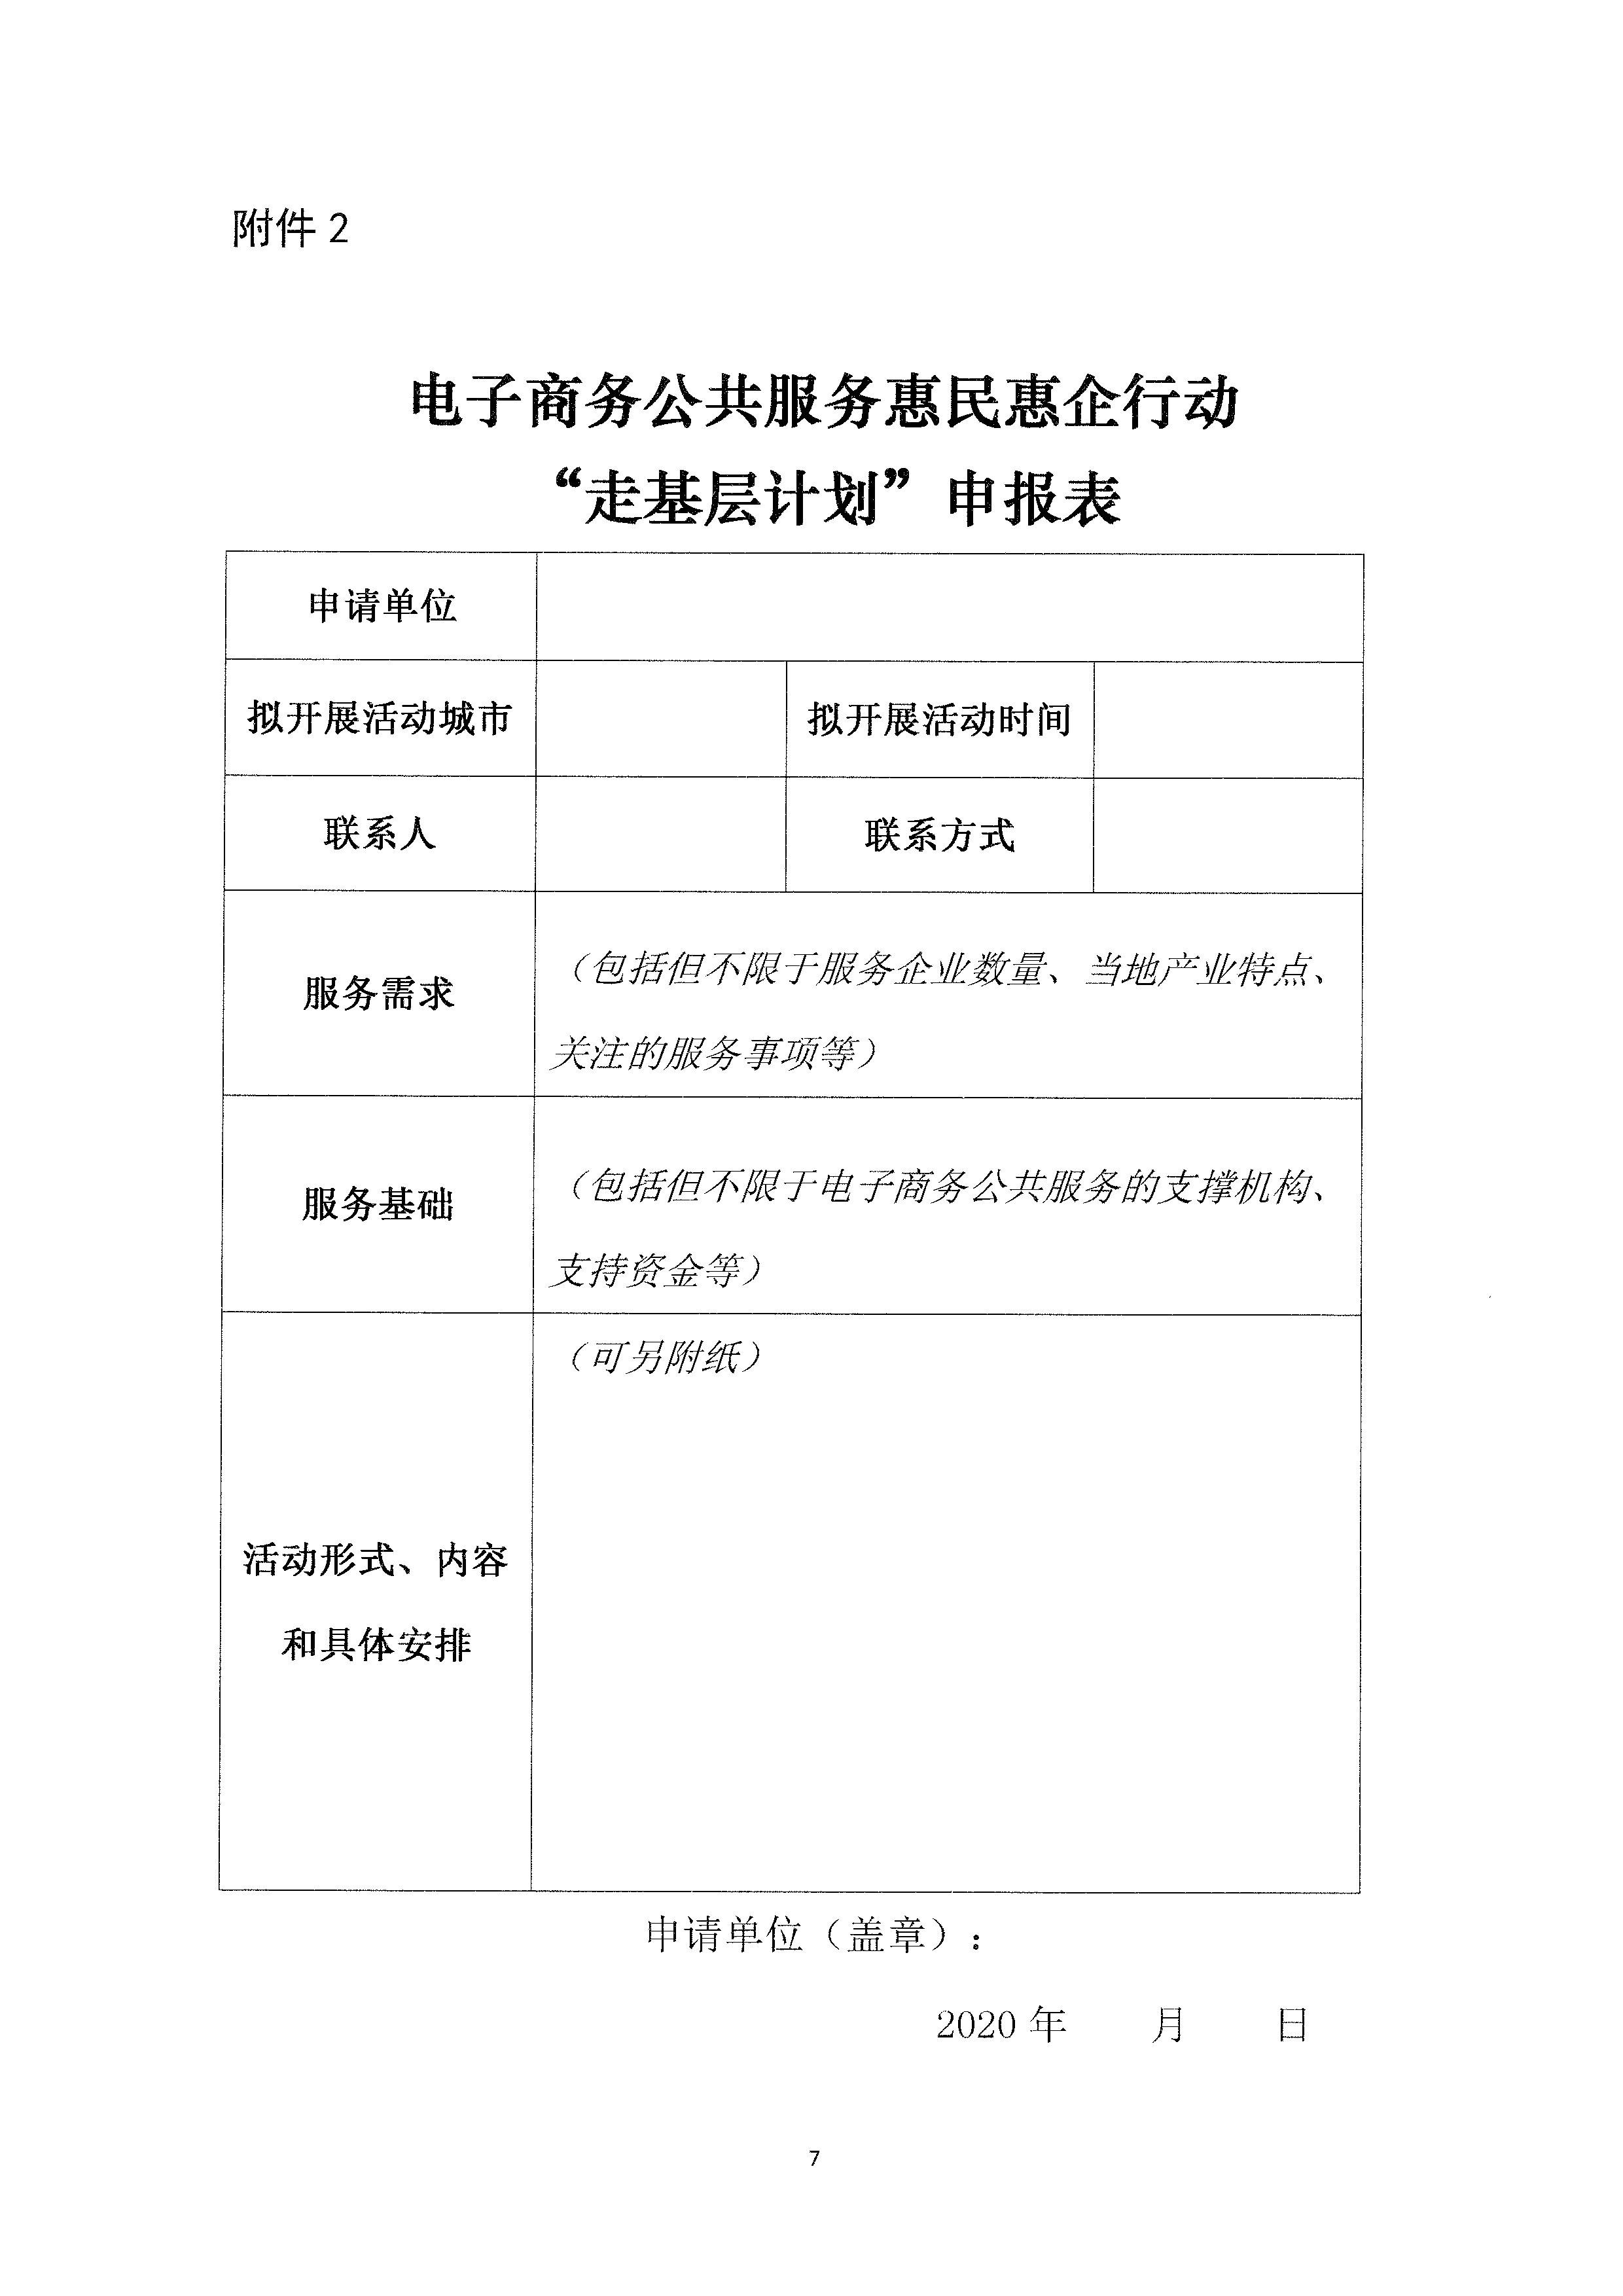 省商务厅关于开展电子商务公共服务惠民惠企行动的通知-7.jpg